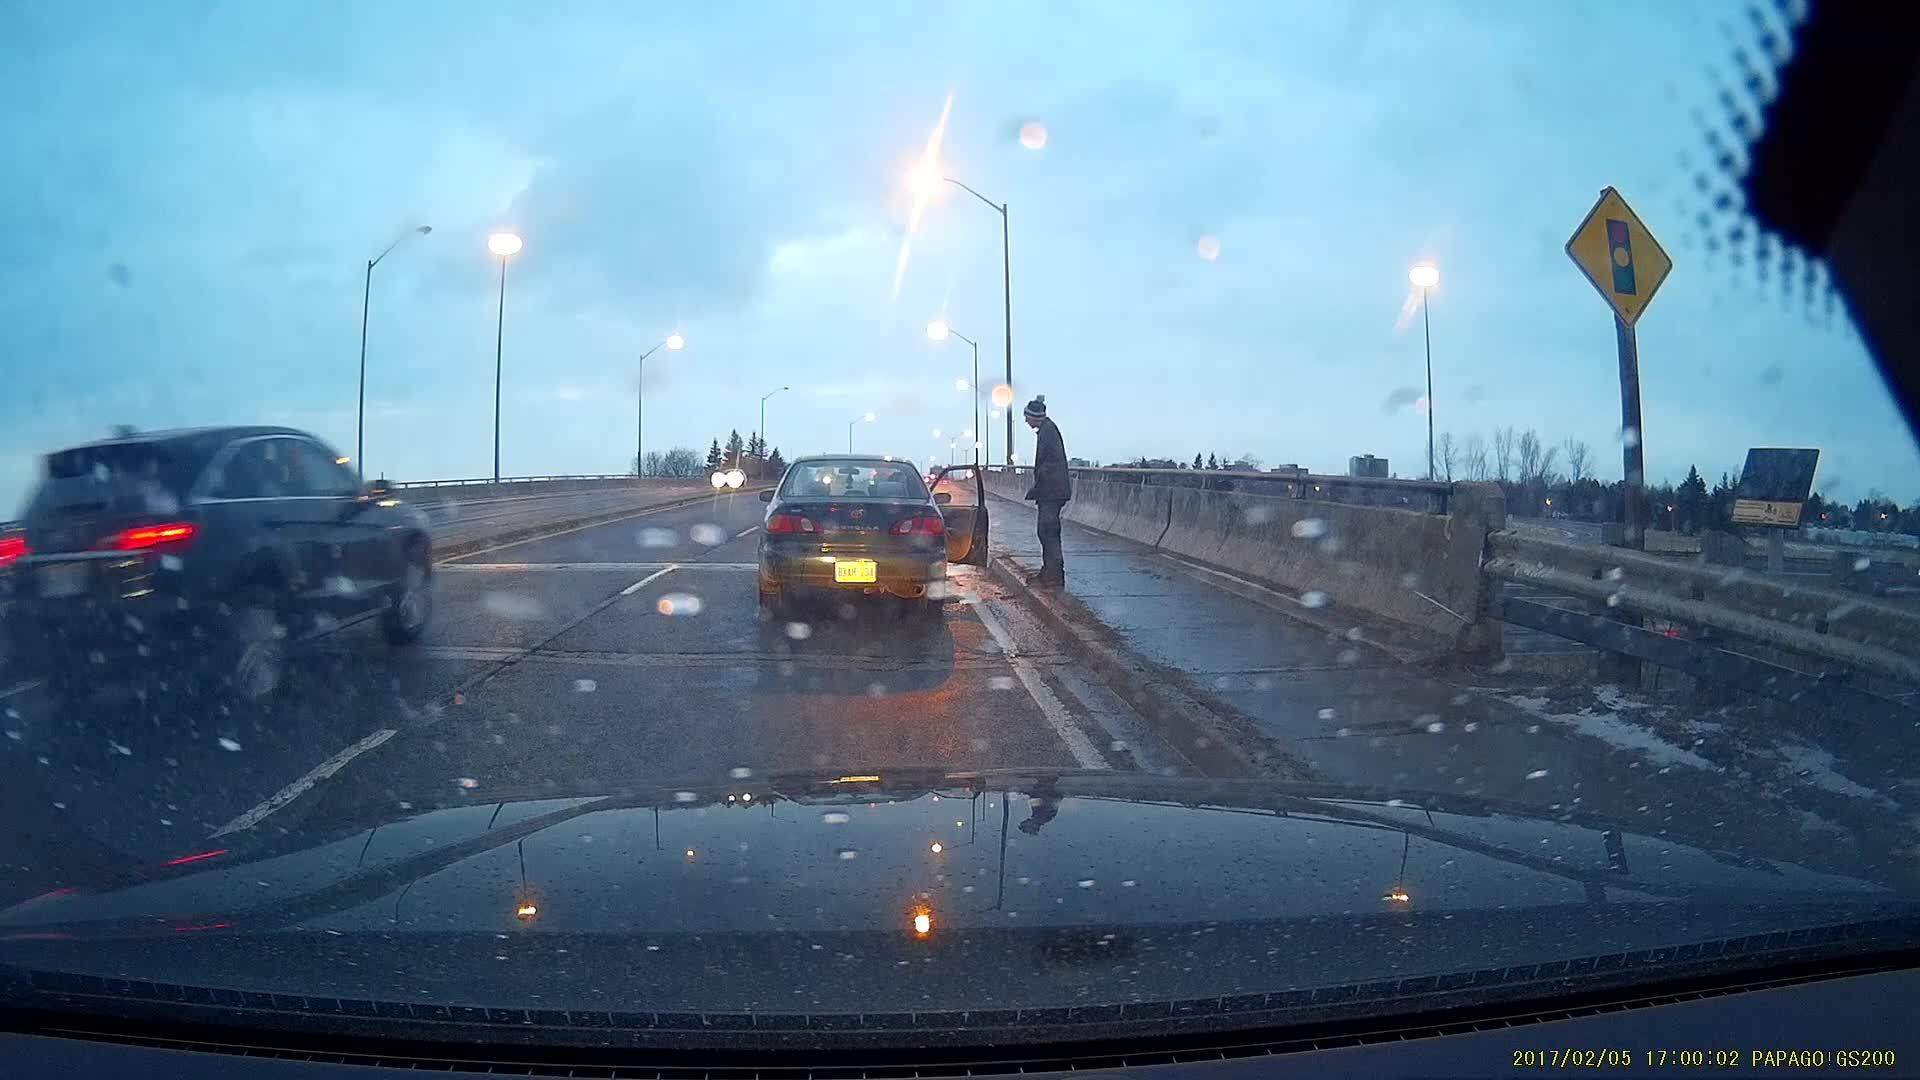 Sjåfør nær ved å meie ned fotgjenger